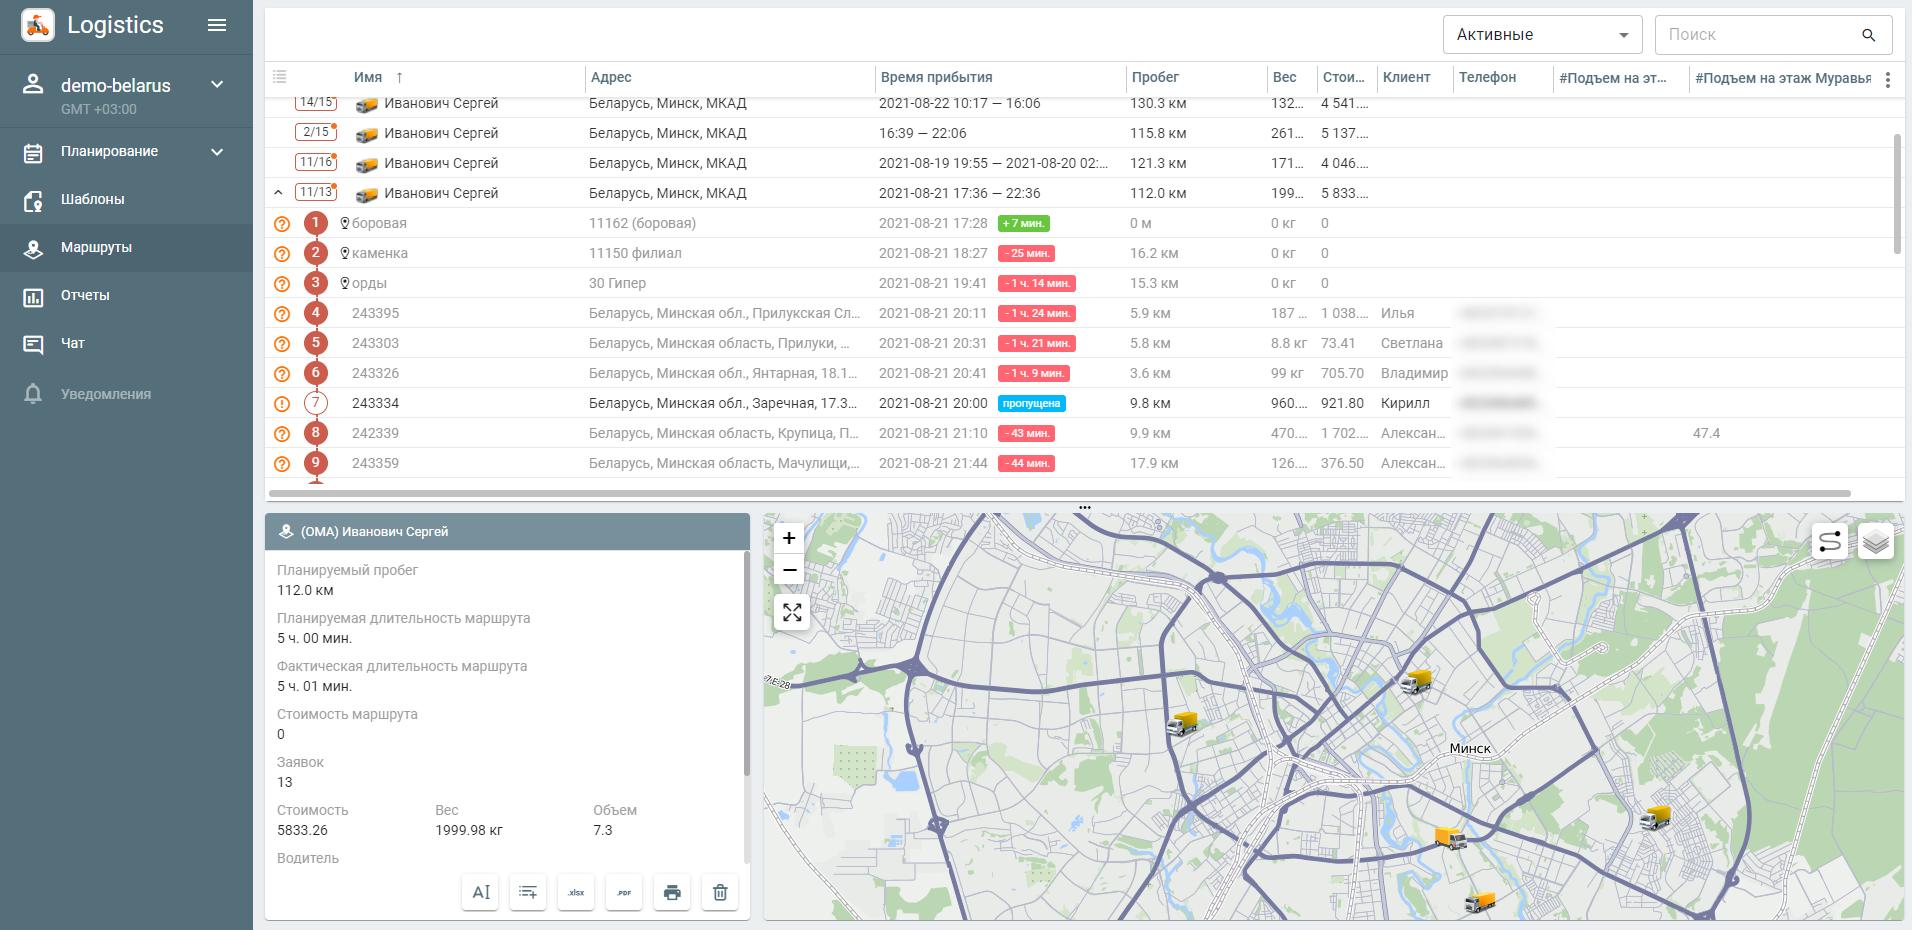 Транспортная логистика с Wialon Logistics    Веб-версия для диспетчера